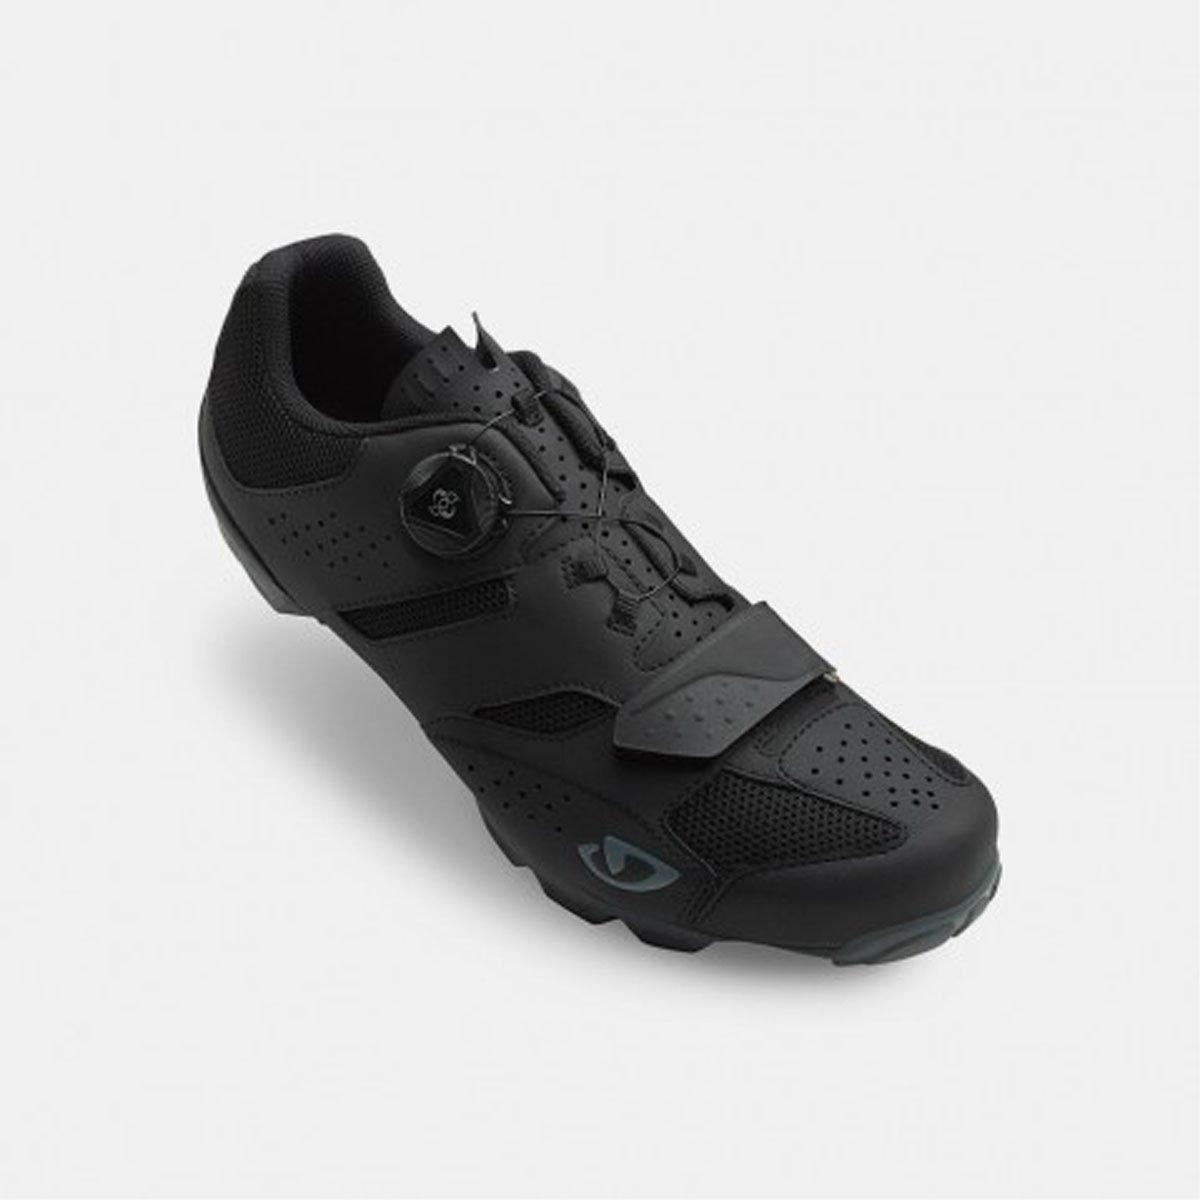 Giro Cylinder HV+ Cycling Shoes - Men's B075RQS5TG 40 M EU|Black